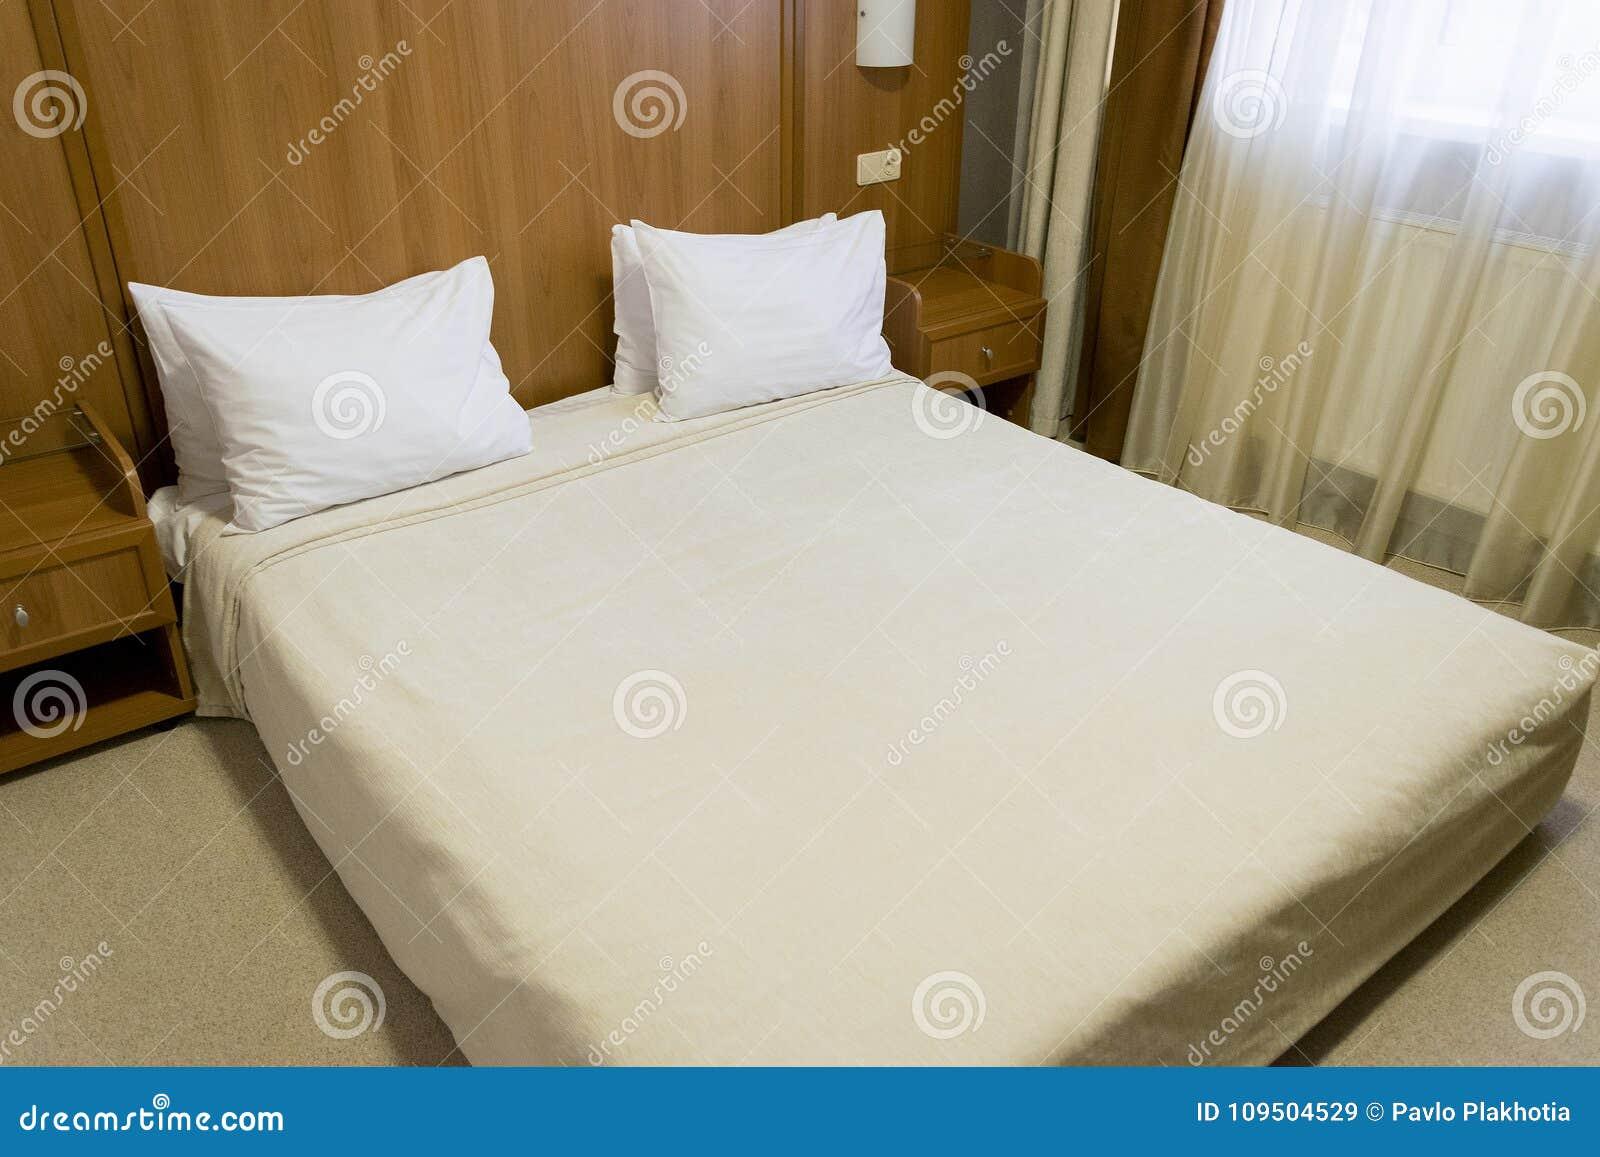 Camera Da Letto Legno Moderna : Letto comodo con il copriletto ed i cuscini bianchi testata di